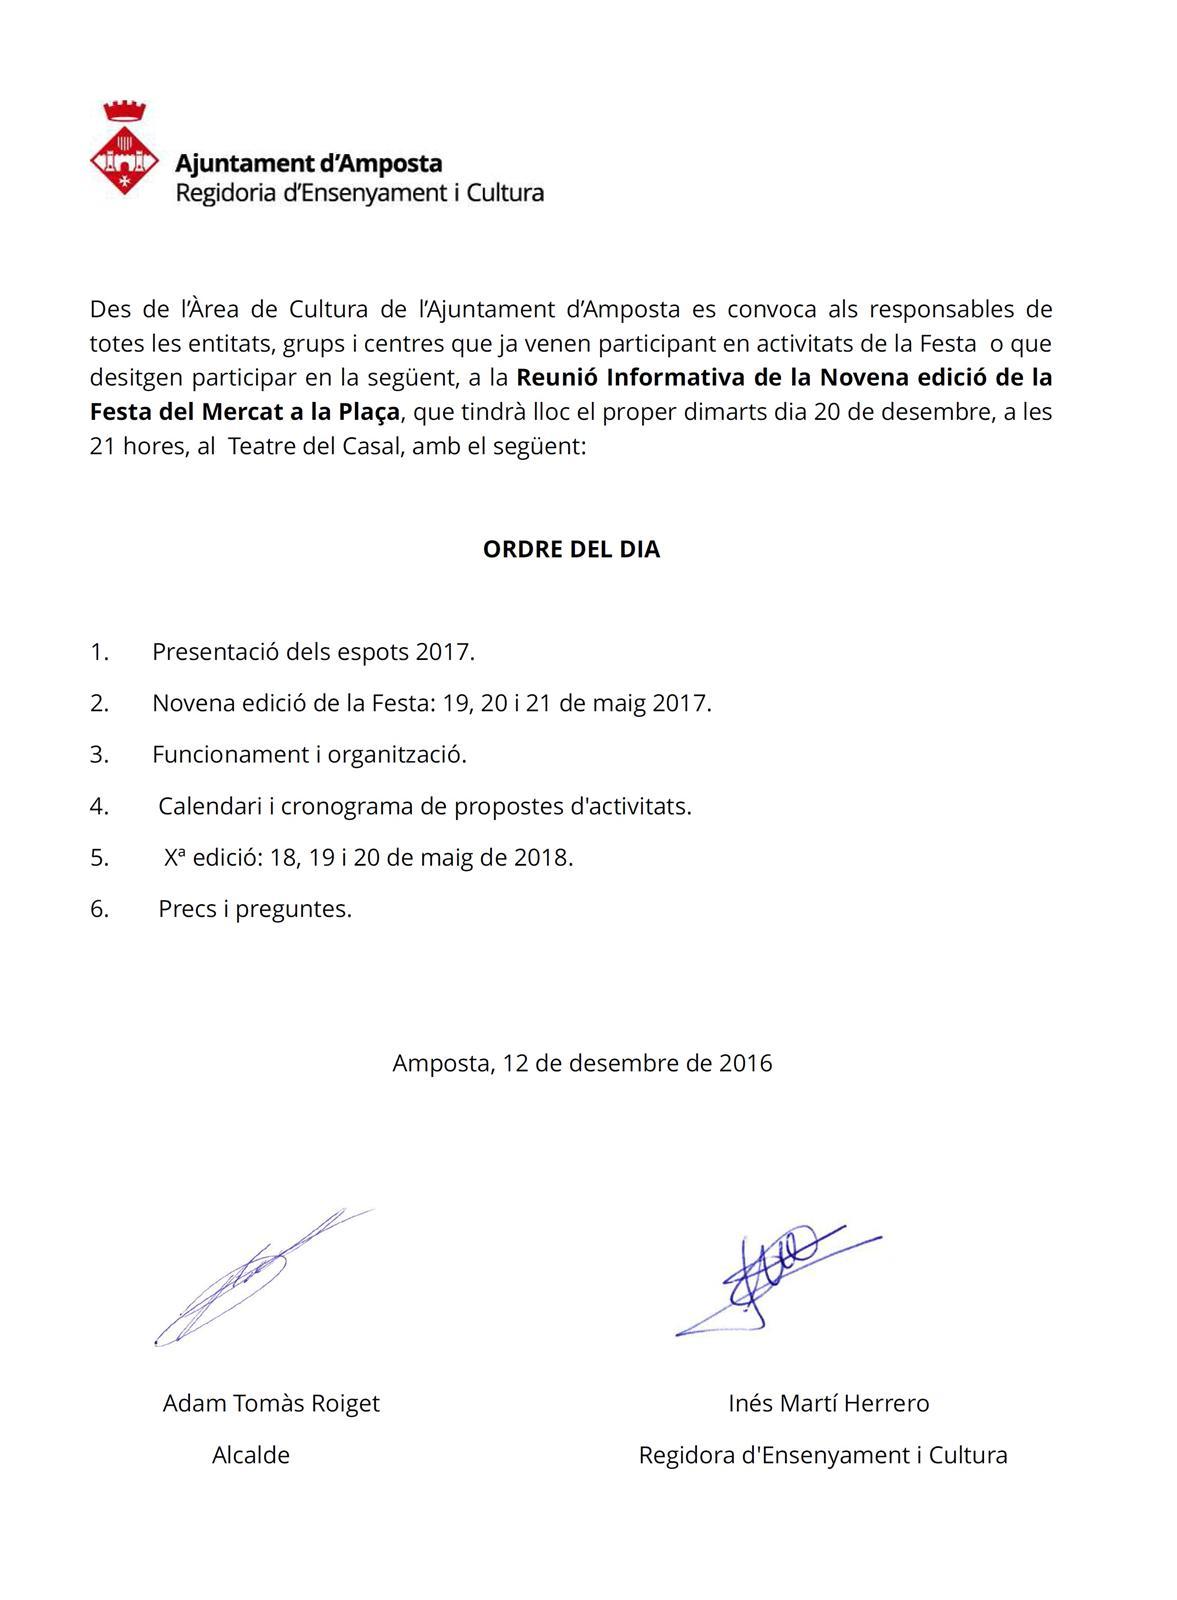 Ajuntament d´Amposta > Informació Oficial > Reunió Informativa de la Novena edició de la Festa del Mercat a la Plaça